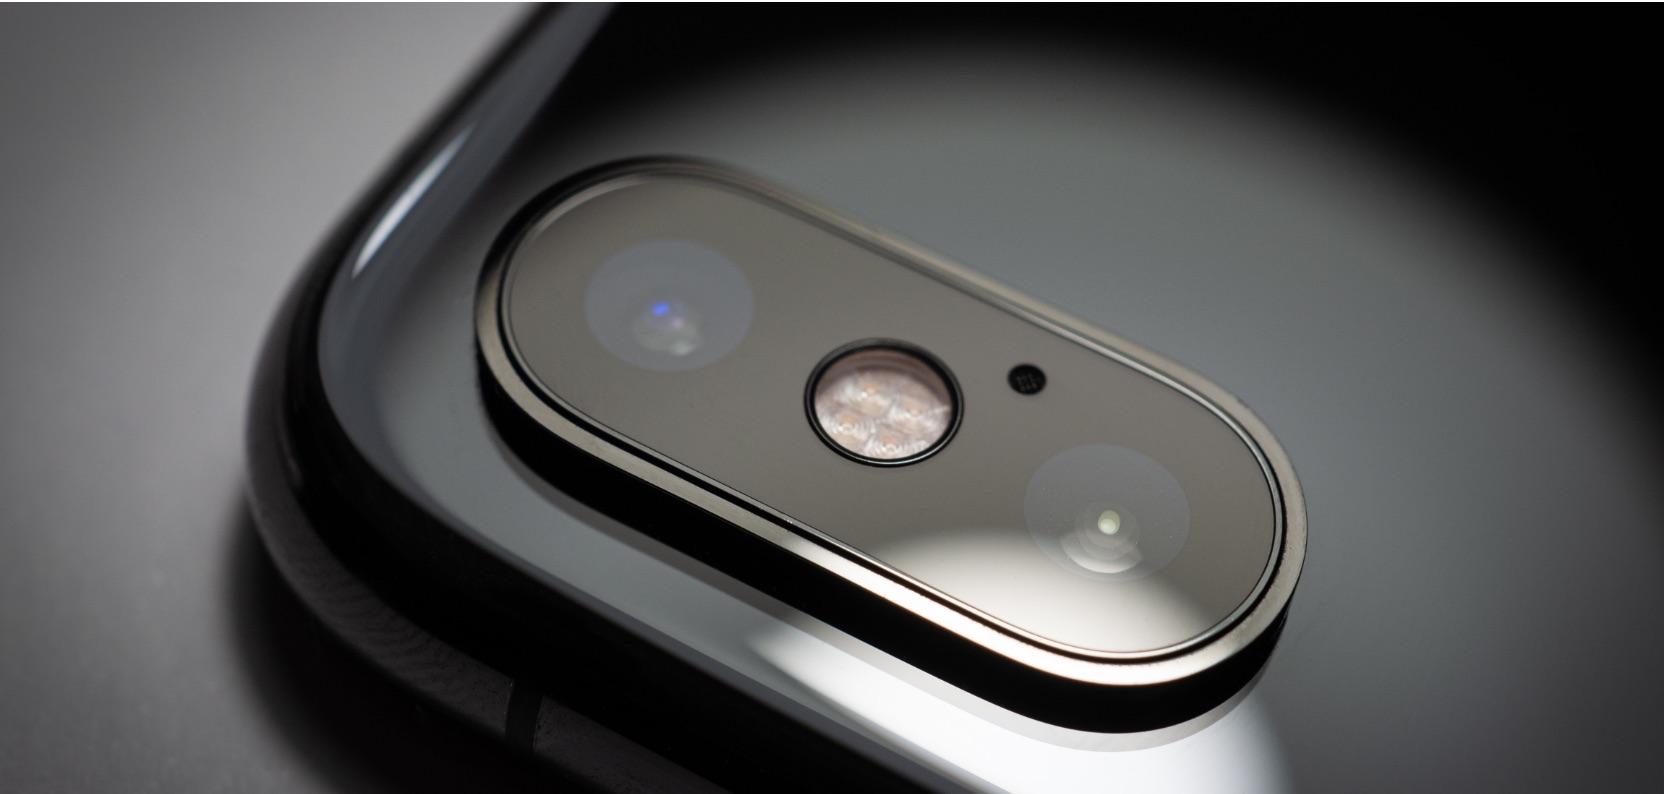 iPhone XS Max Design